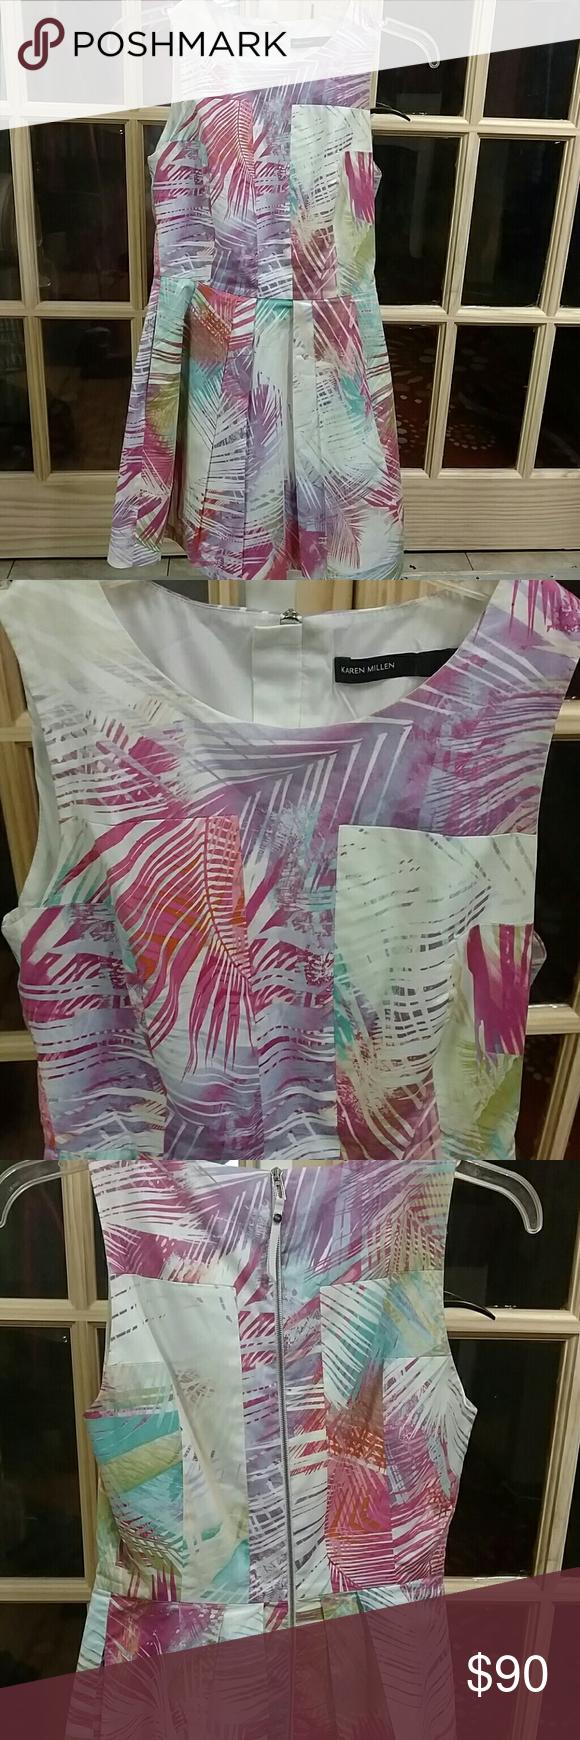 Karen Millen palm tree printed skater dress Multi color, zipper back, perfect for easter Karen Millen Dresses Mini